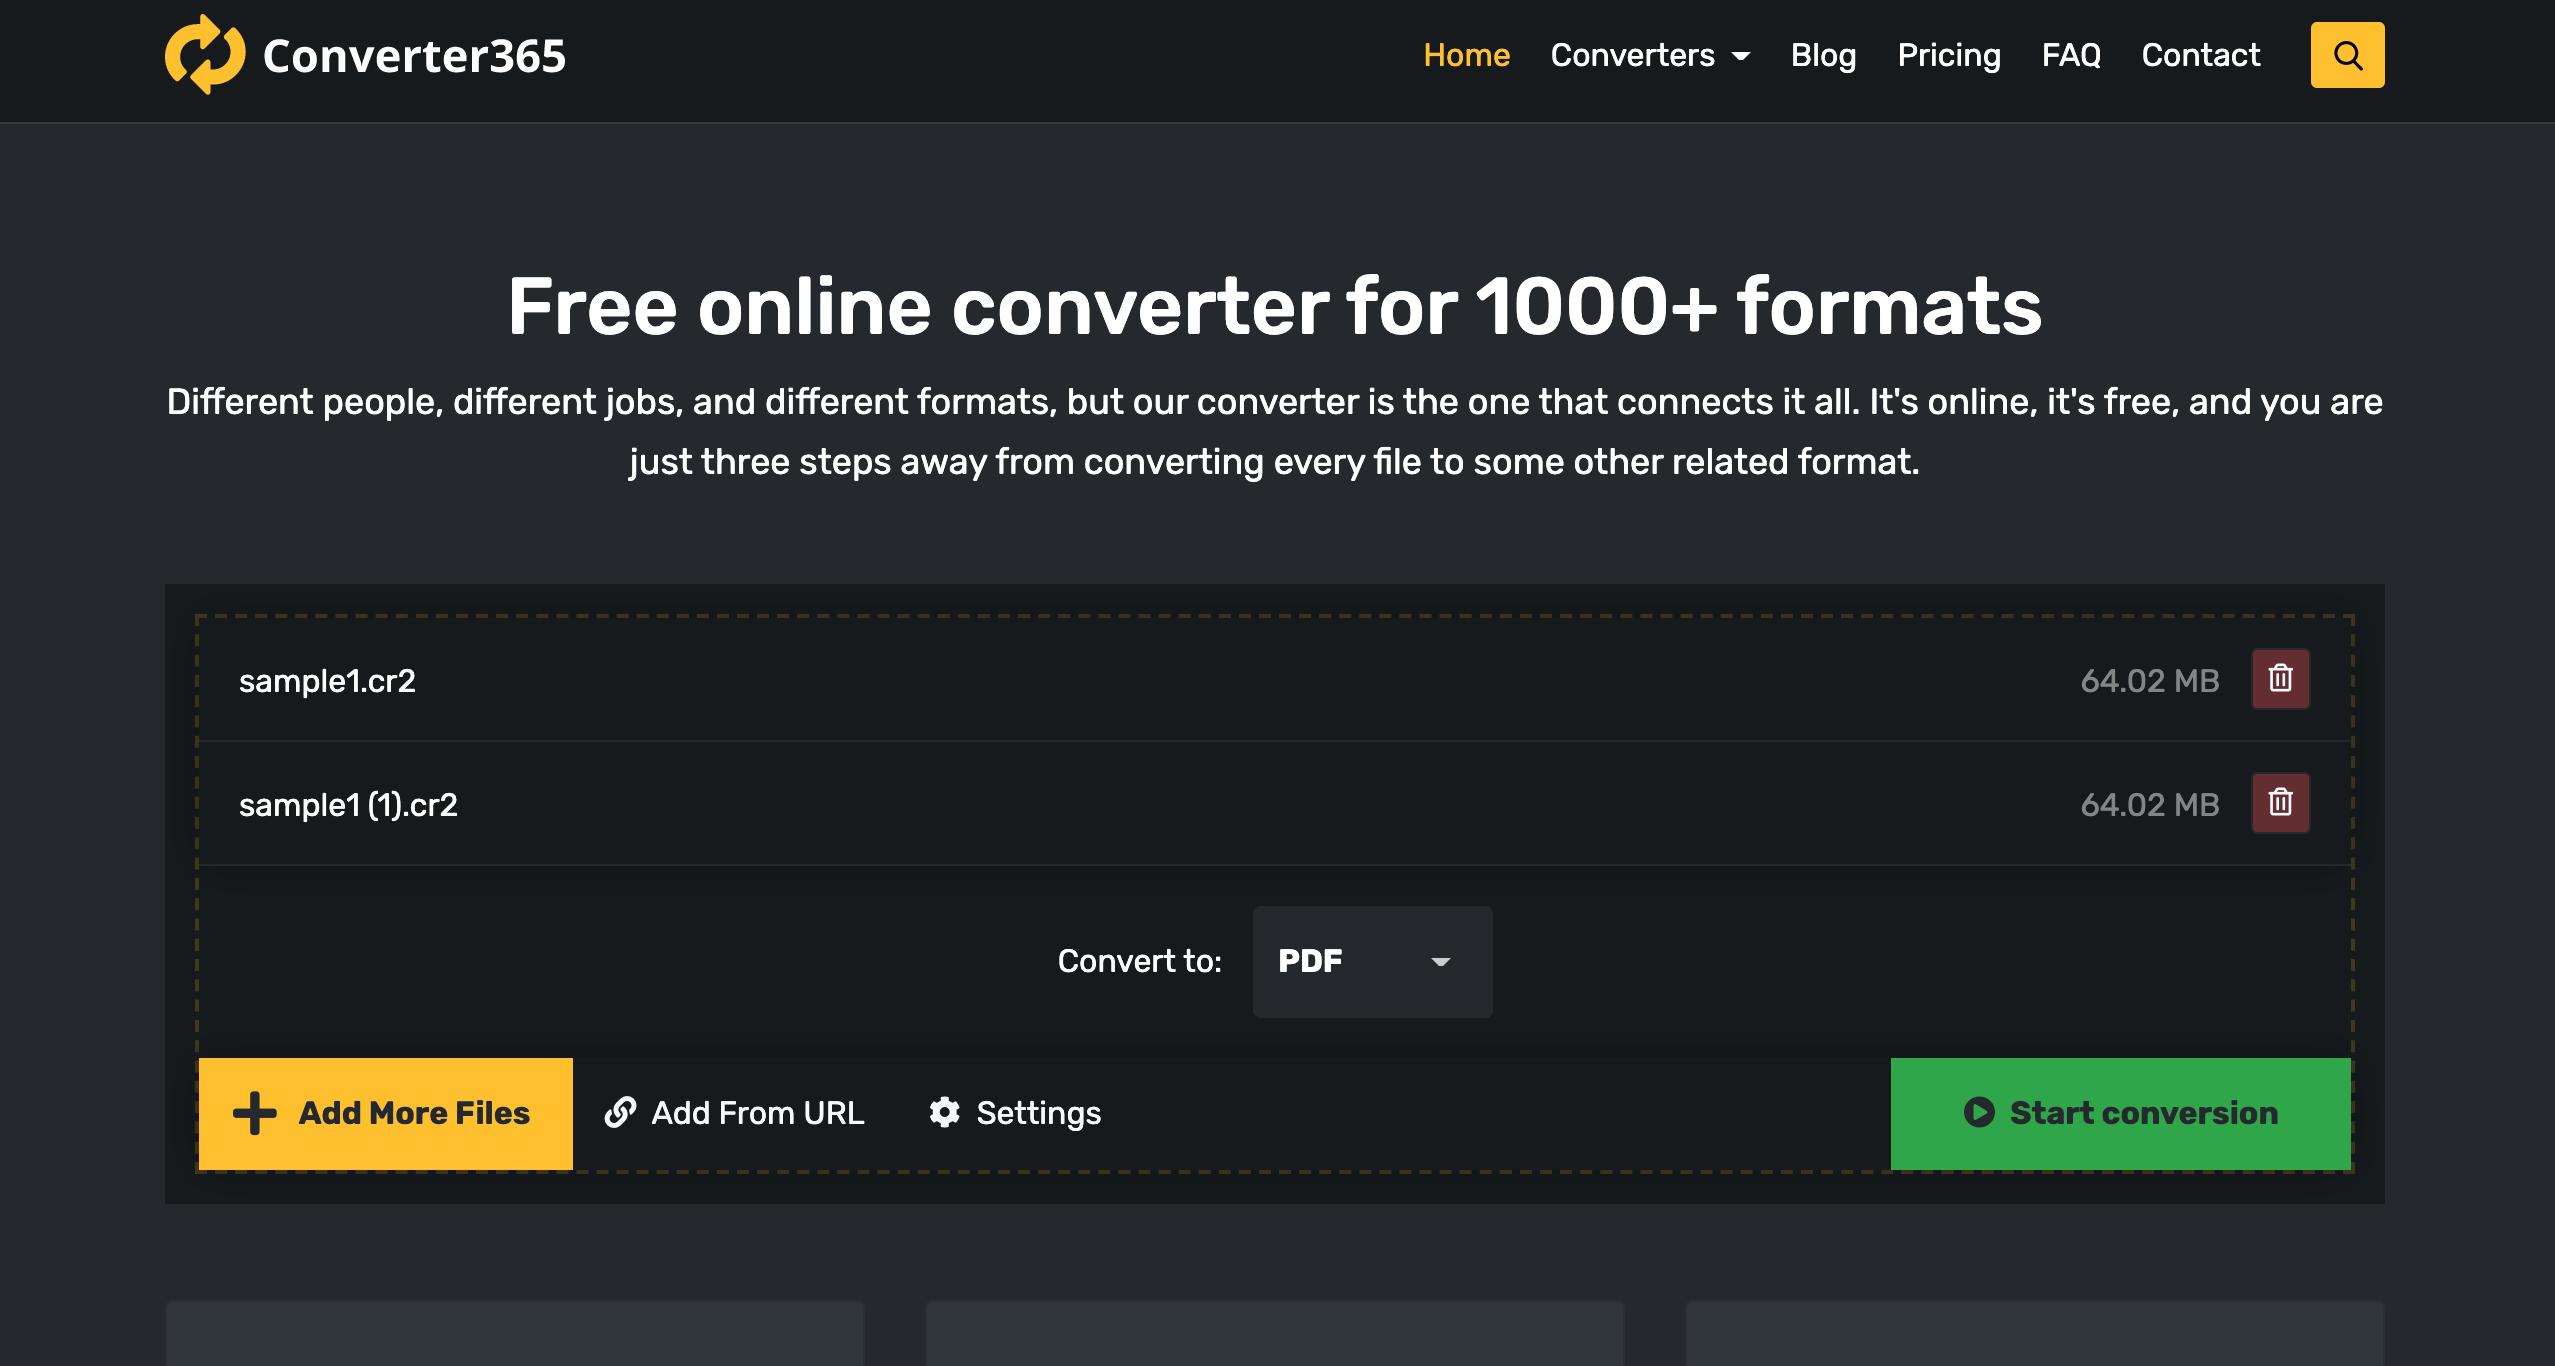 convert cr2 to jpg sonverter365 step 1